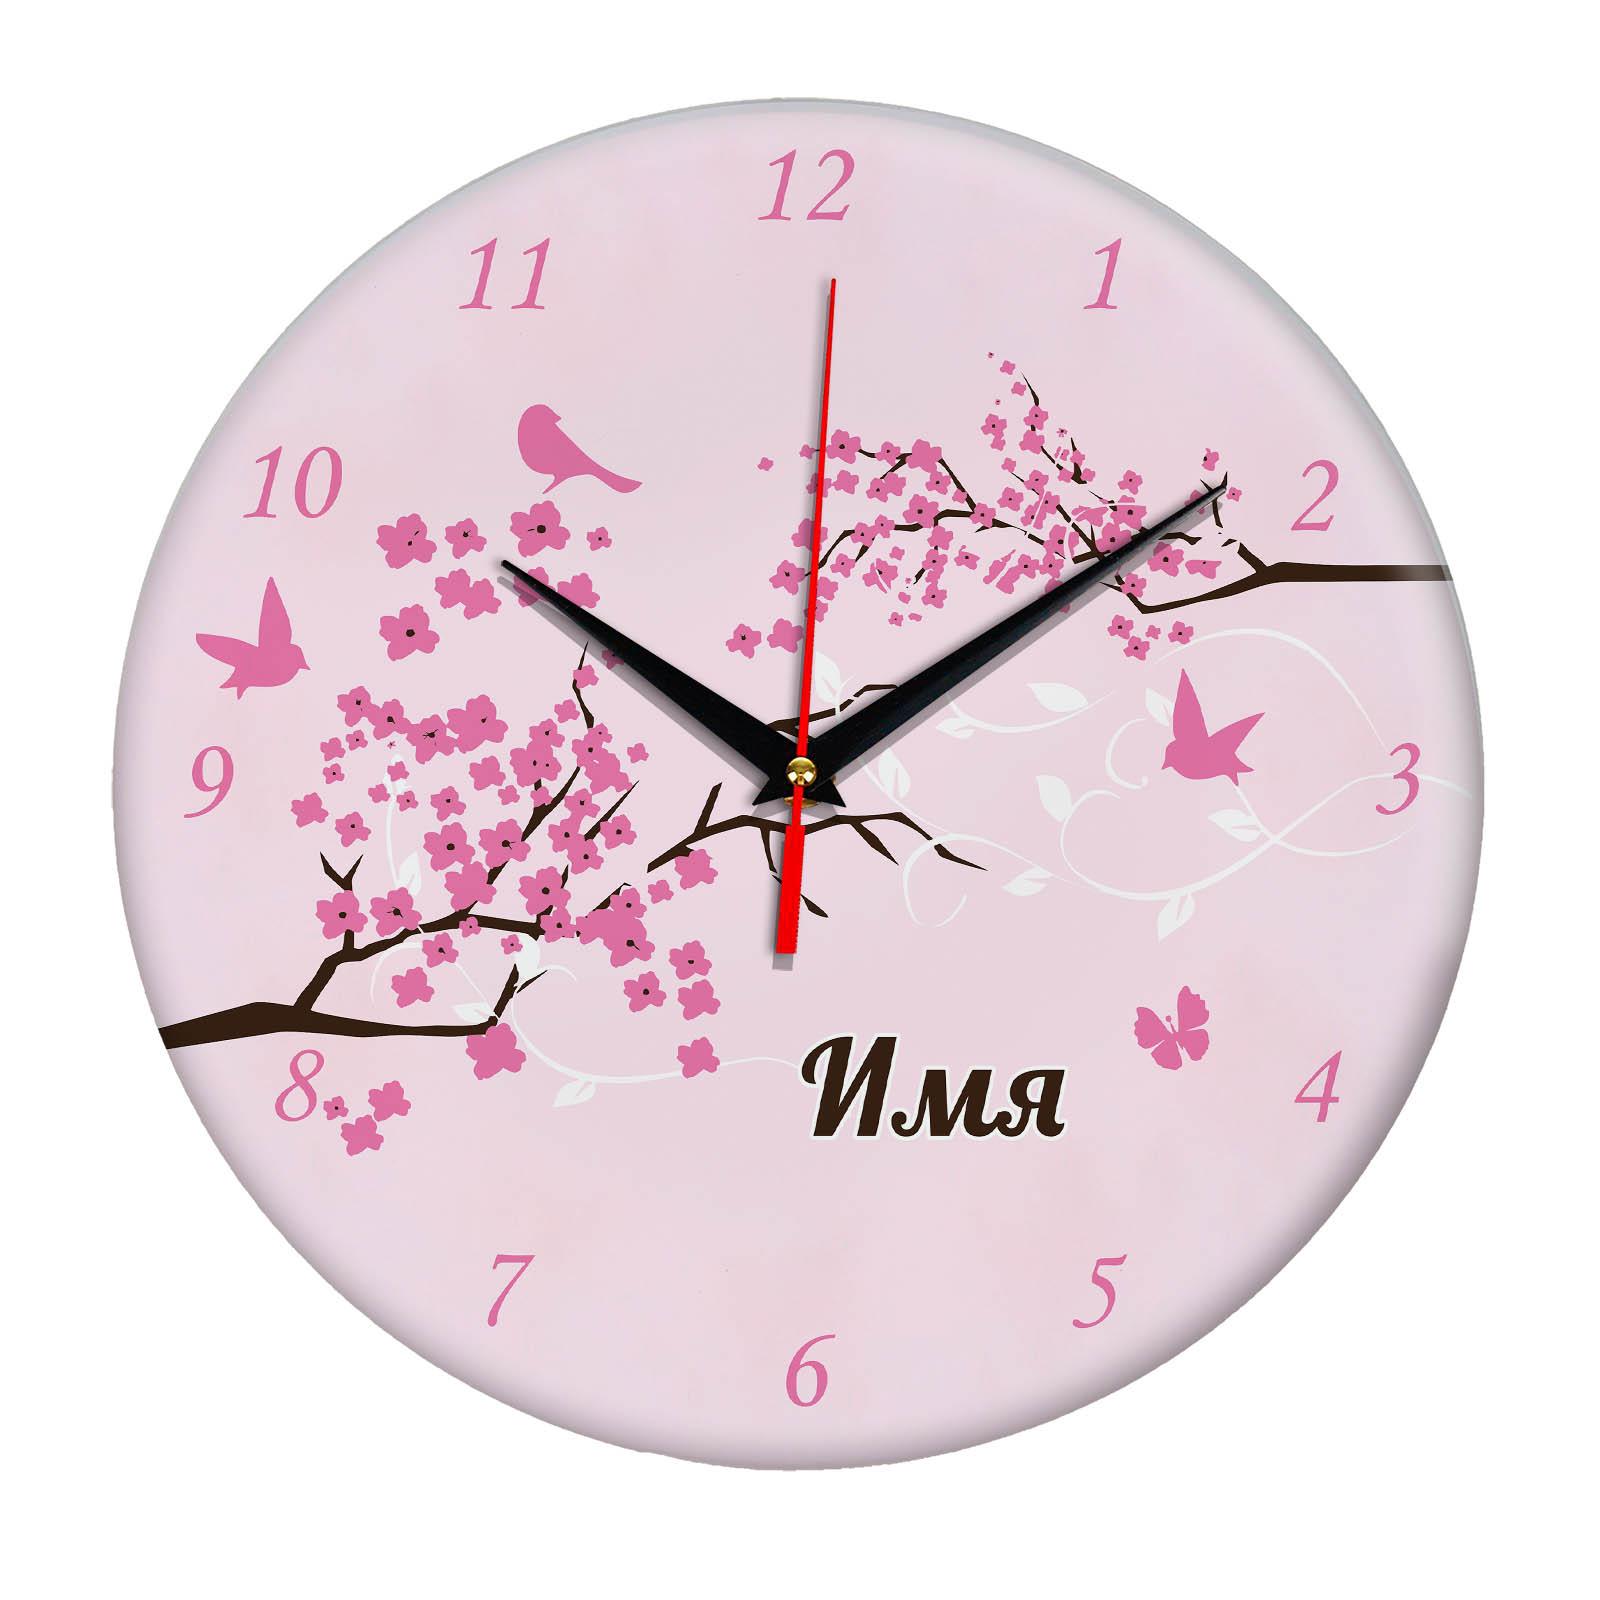 Именные настенные часы с дизайном «Весна»